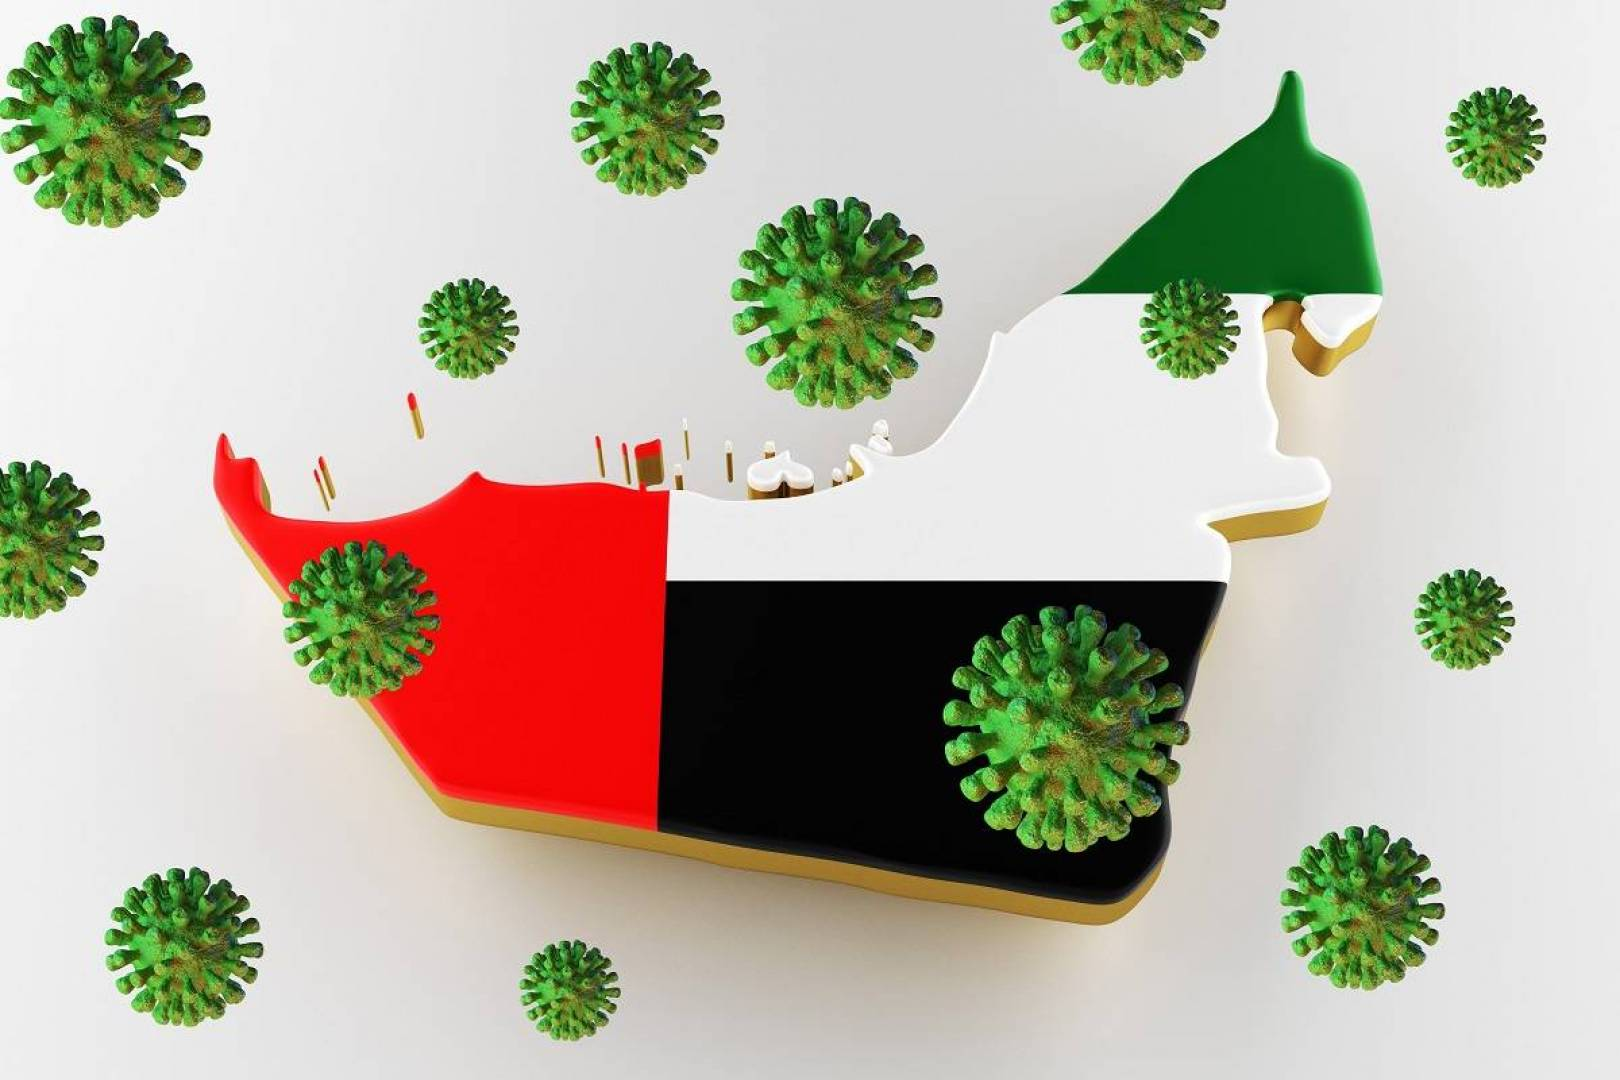 الإمارات: تسجيل 150 إصابة جديدة بفيروس كورونا وحالتي وفاة